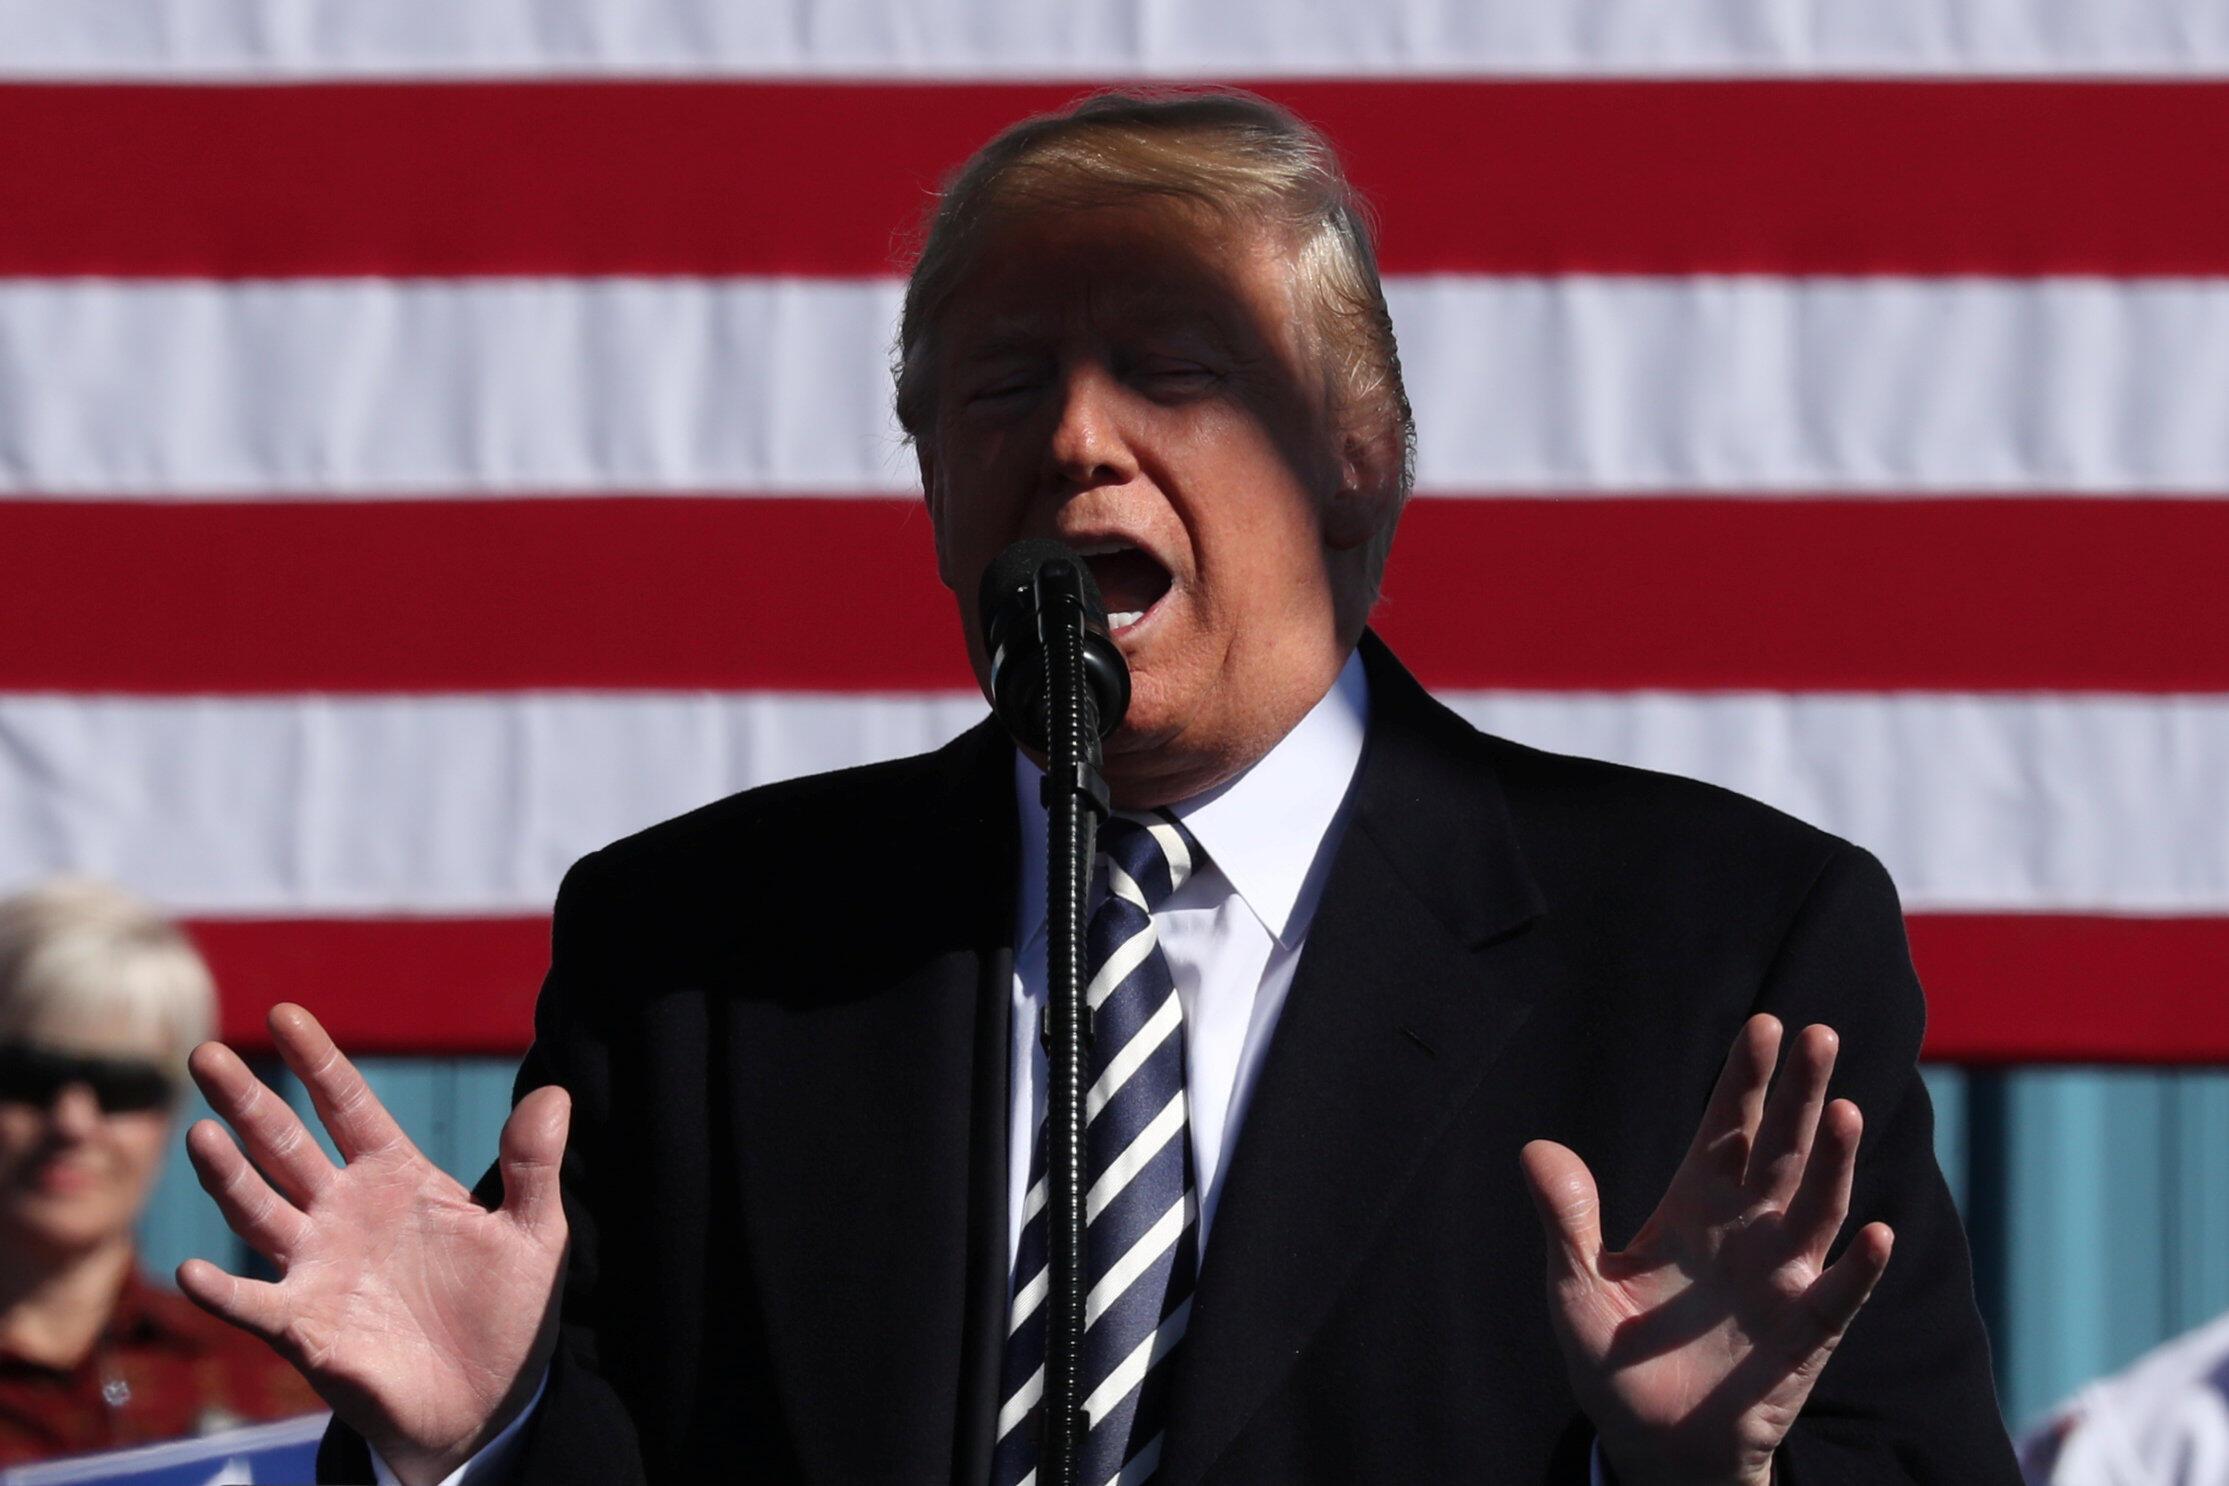 Президент США Дональд Трамп на предвыборном митинге в штате Невада, 20 октября 2018 г.